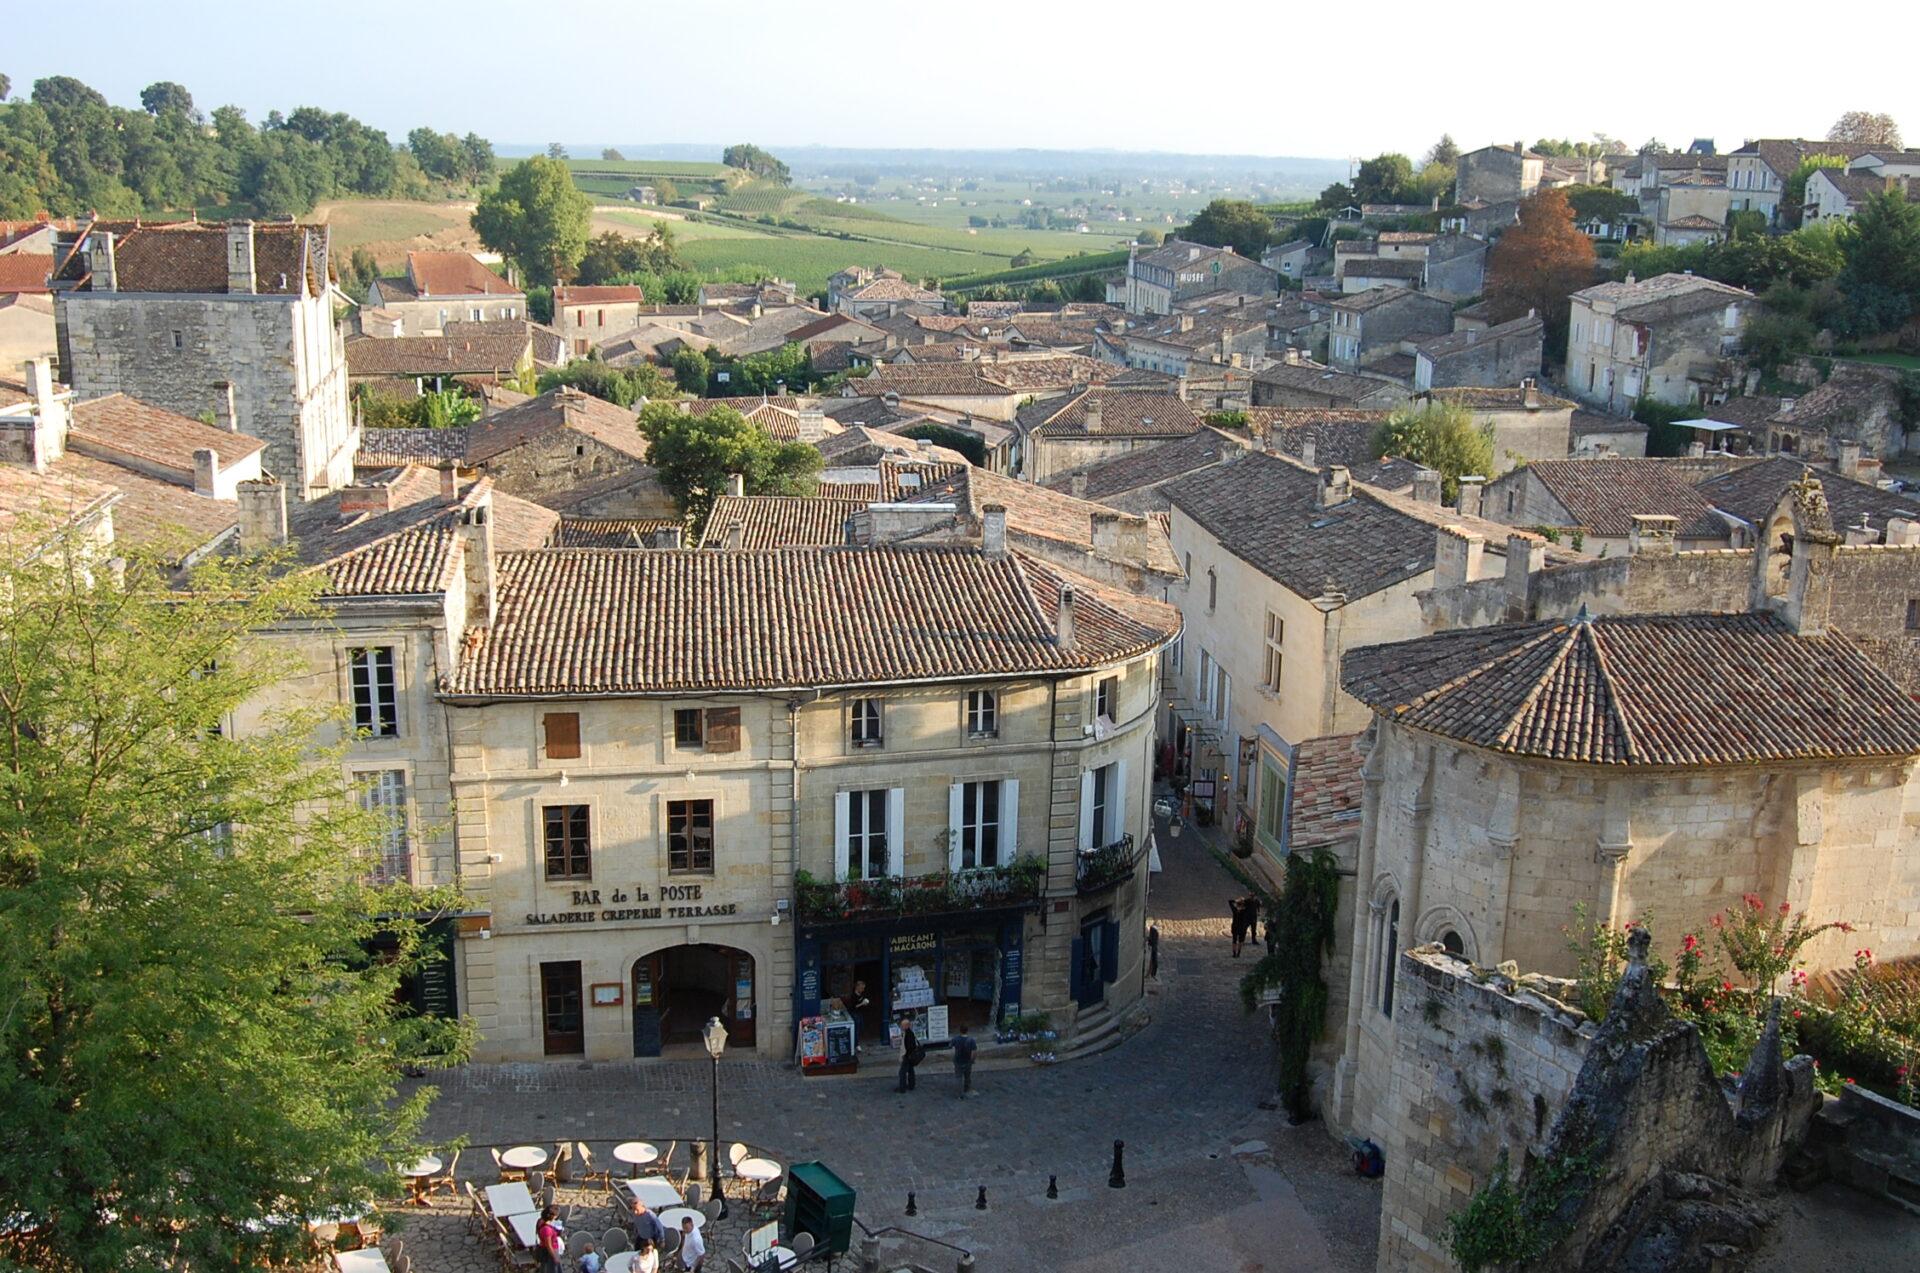 Os destinos mais legais pra visitar em 2016 2017 juju na trip - Piscine ronde st hyacinthe bordeaux ...